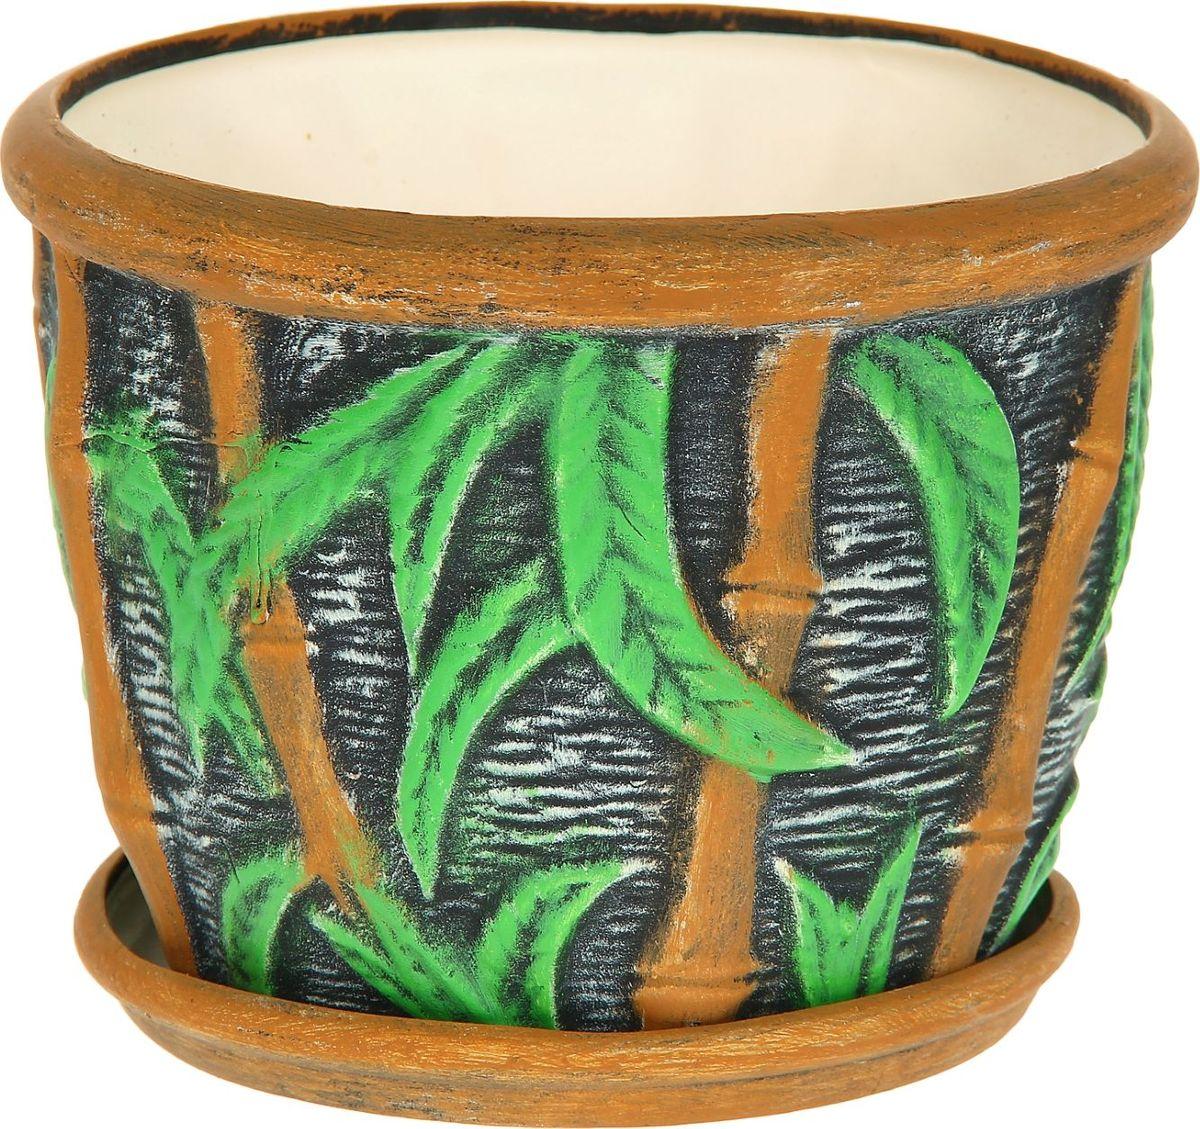 Кашпо Керамика ручной работы Бамбук, 4 л1114246Комнатные растения — всеобщие любимцы. Они радуют глаз, насыщают помещение кислородом и украшают пространство. Каждому из них необходим свой удобный и красивый дом. Кашпо из керамики прекрасно подходят для высадки растений: за счёт пластичности глины и разных способов обработки существует великое множество форм и дизайновпористый материал позволяет испаряться лишней влагевоздух, необходимый для дыхания корней, проникает сквозь керамические стенки! #name# позаботится о зелёном питомце, освежит интерьер и подчеркнёт его стиль.